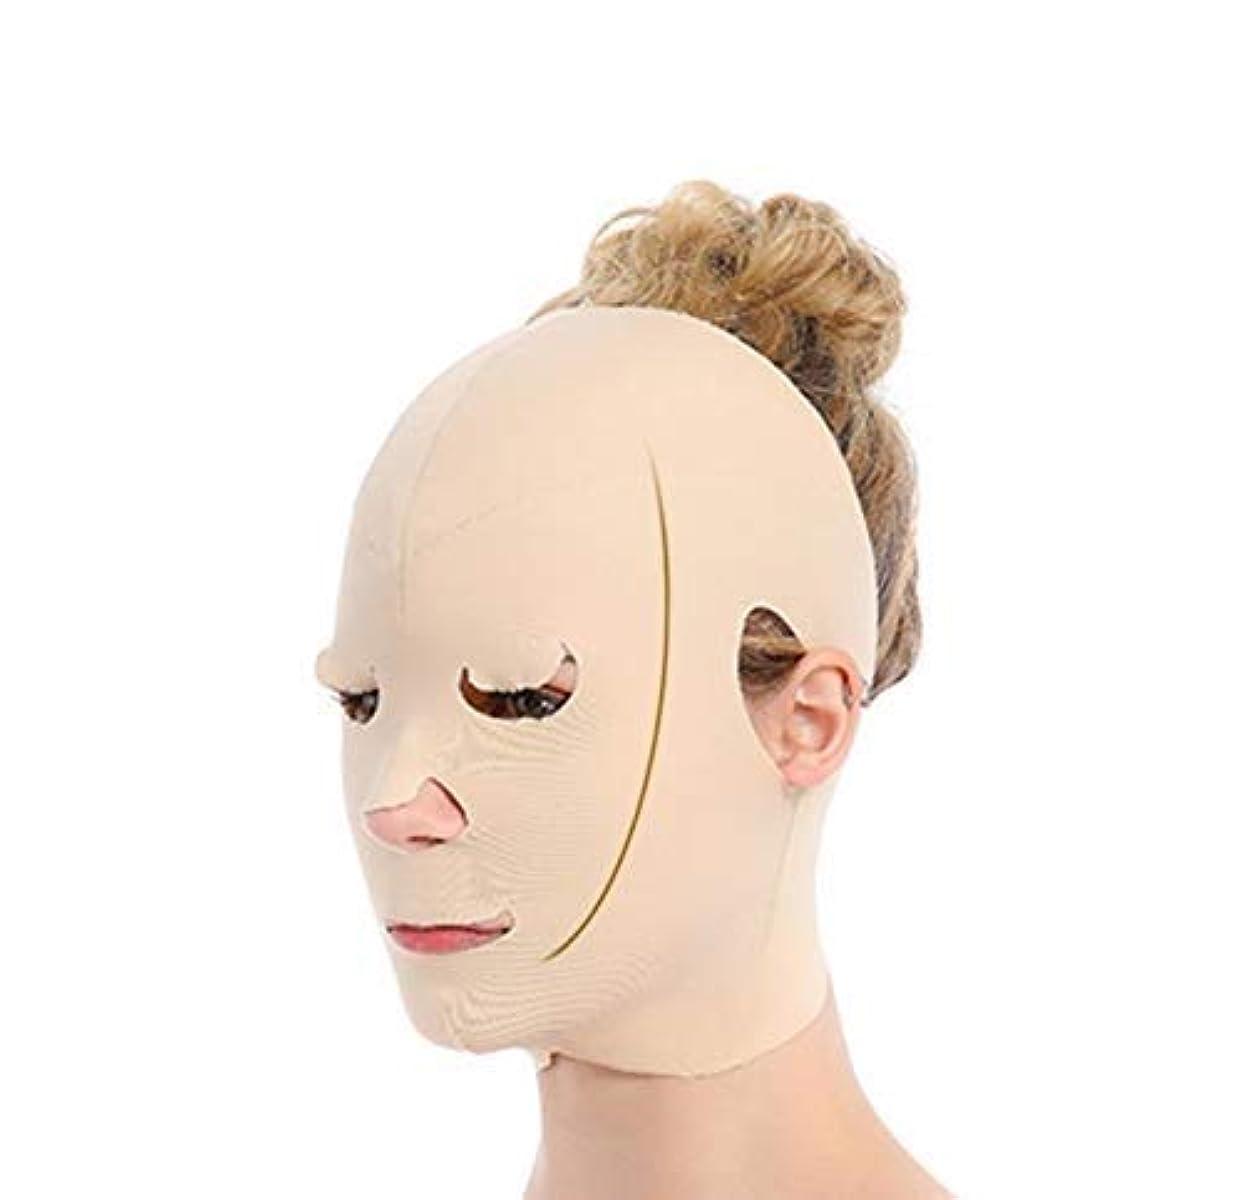 ウェーハインフルエンザフォーラム小さな顔ツールV顔包帯薄い顔美容マスク怠Faceな睡眠マスク男性と女性V顔包帯整形リフティング引き締め顔薄い二重あご